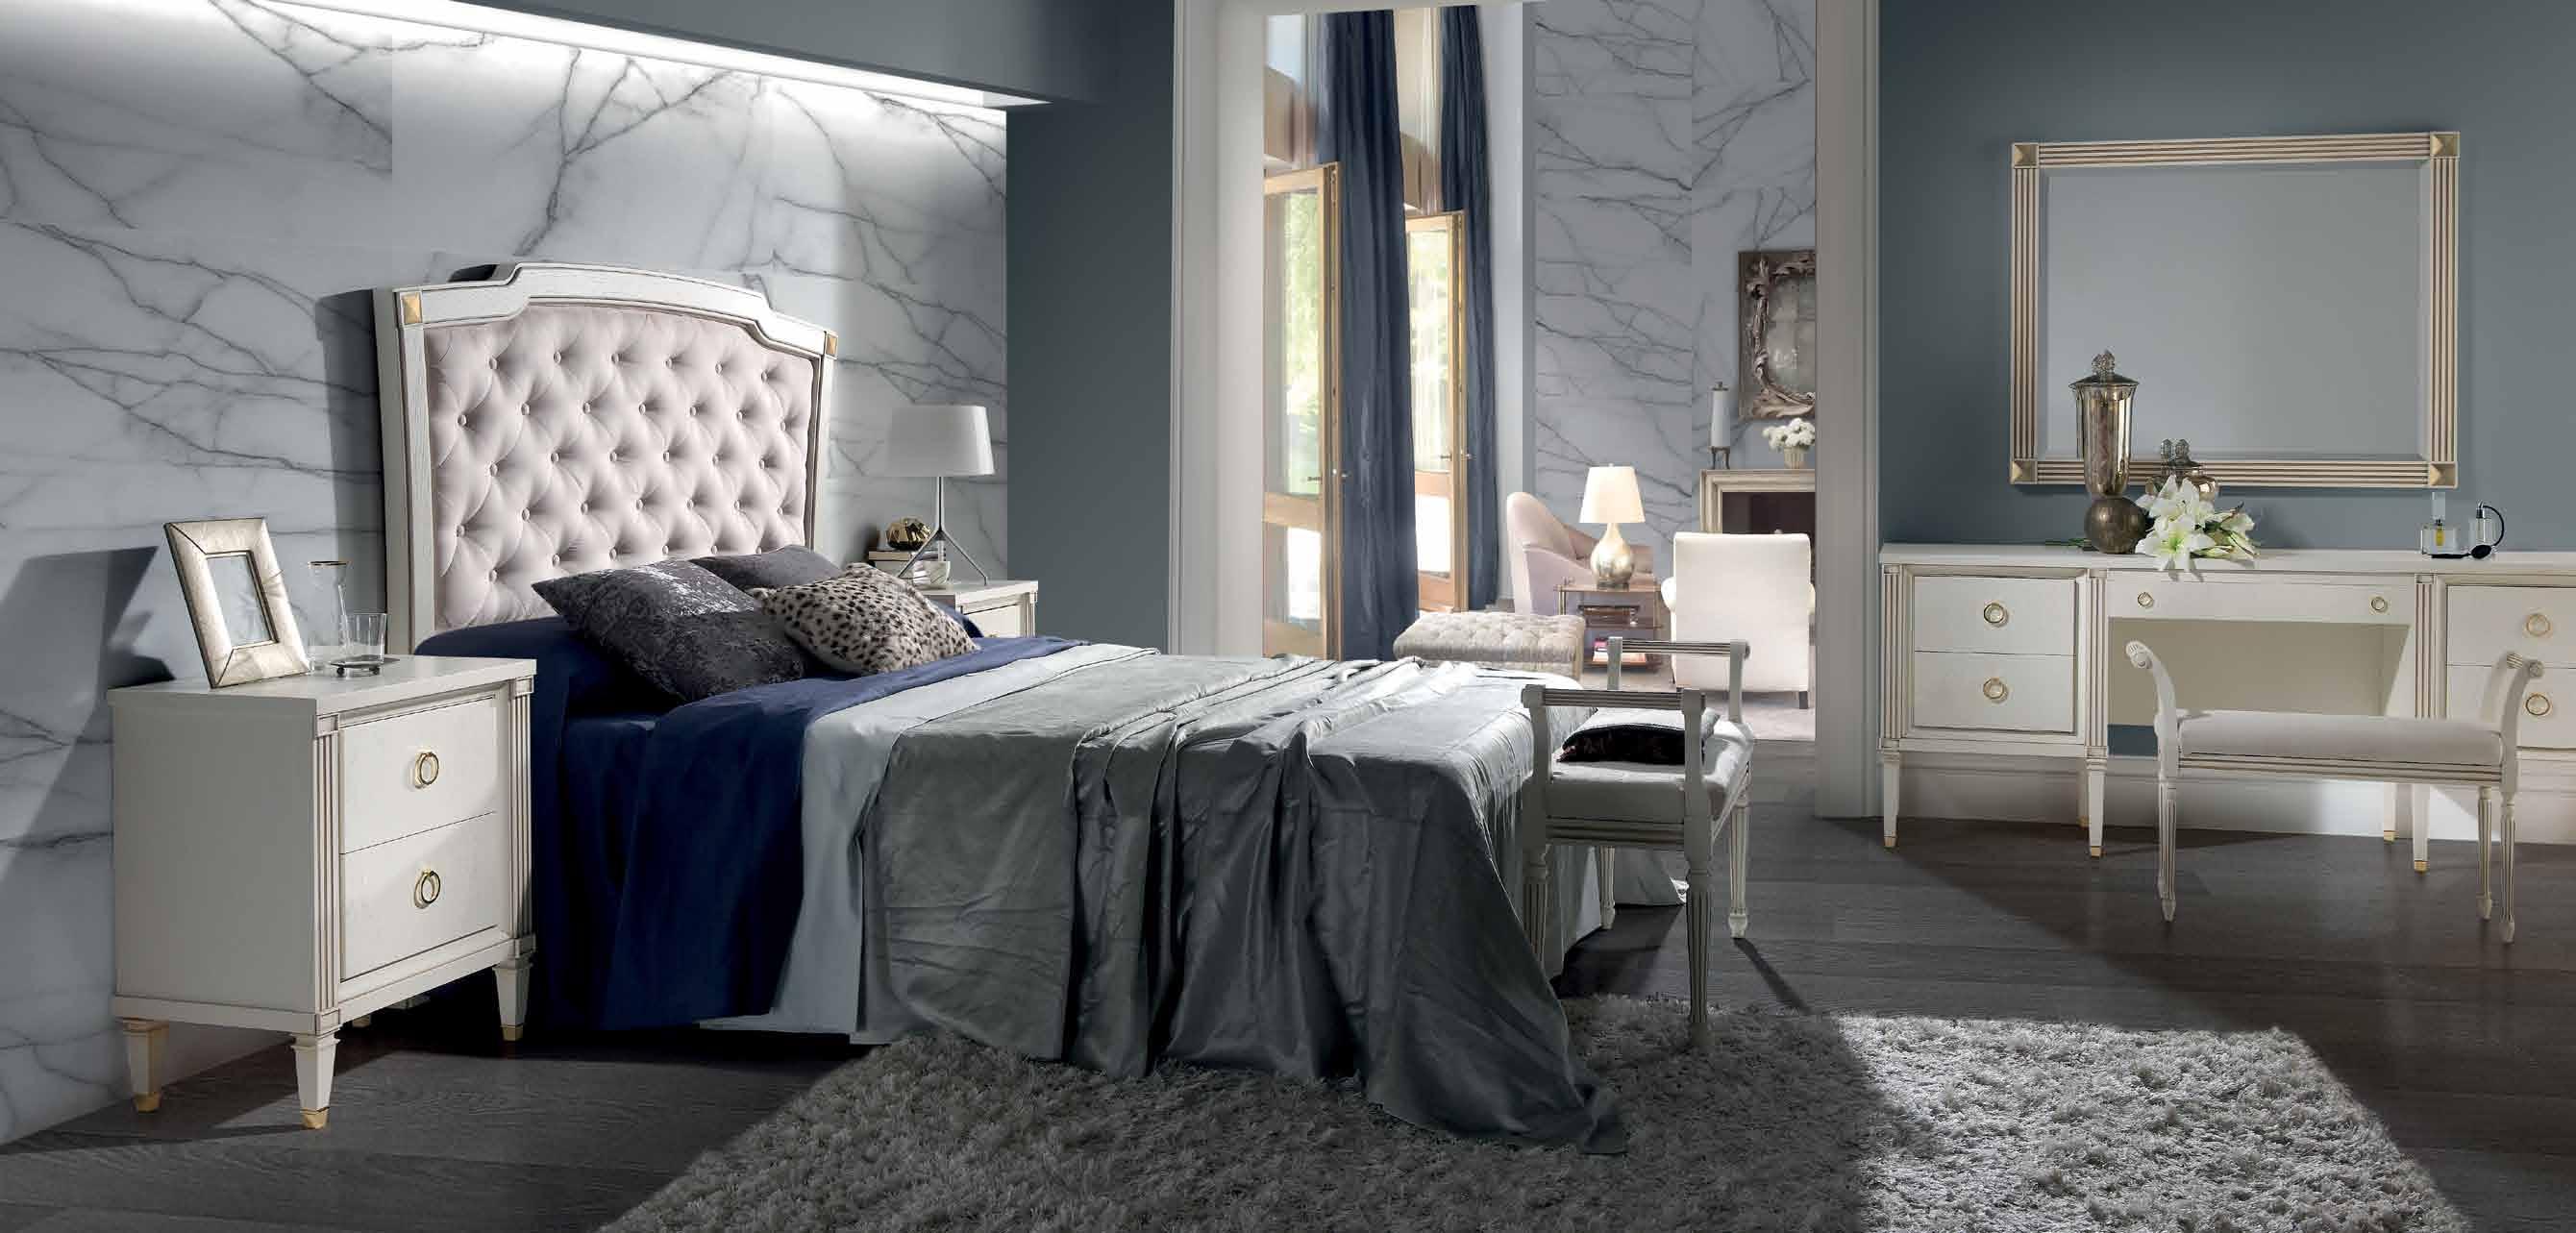 978-dormitorio-t-5